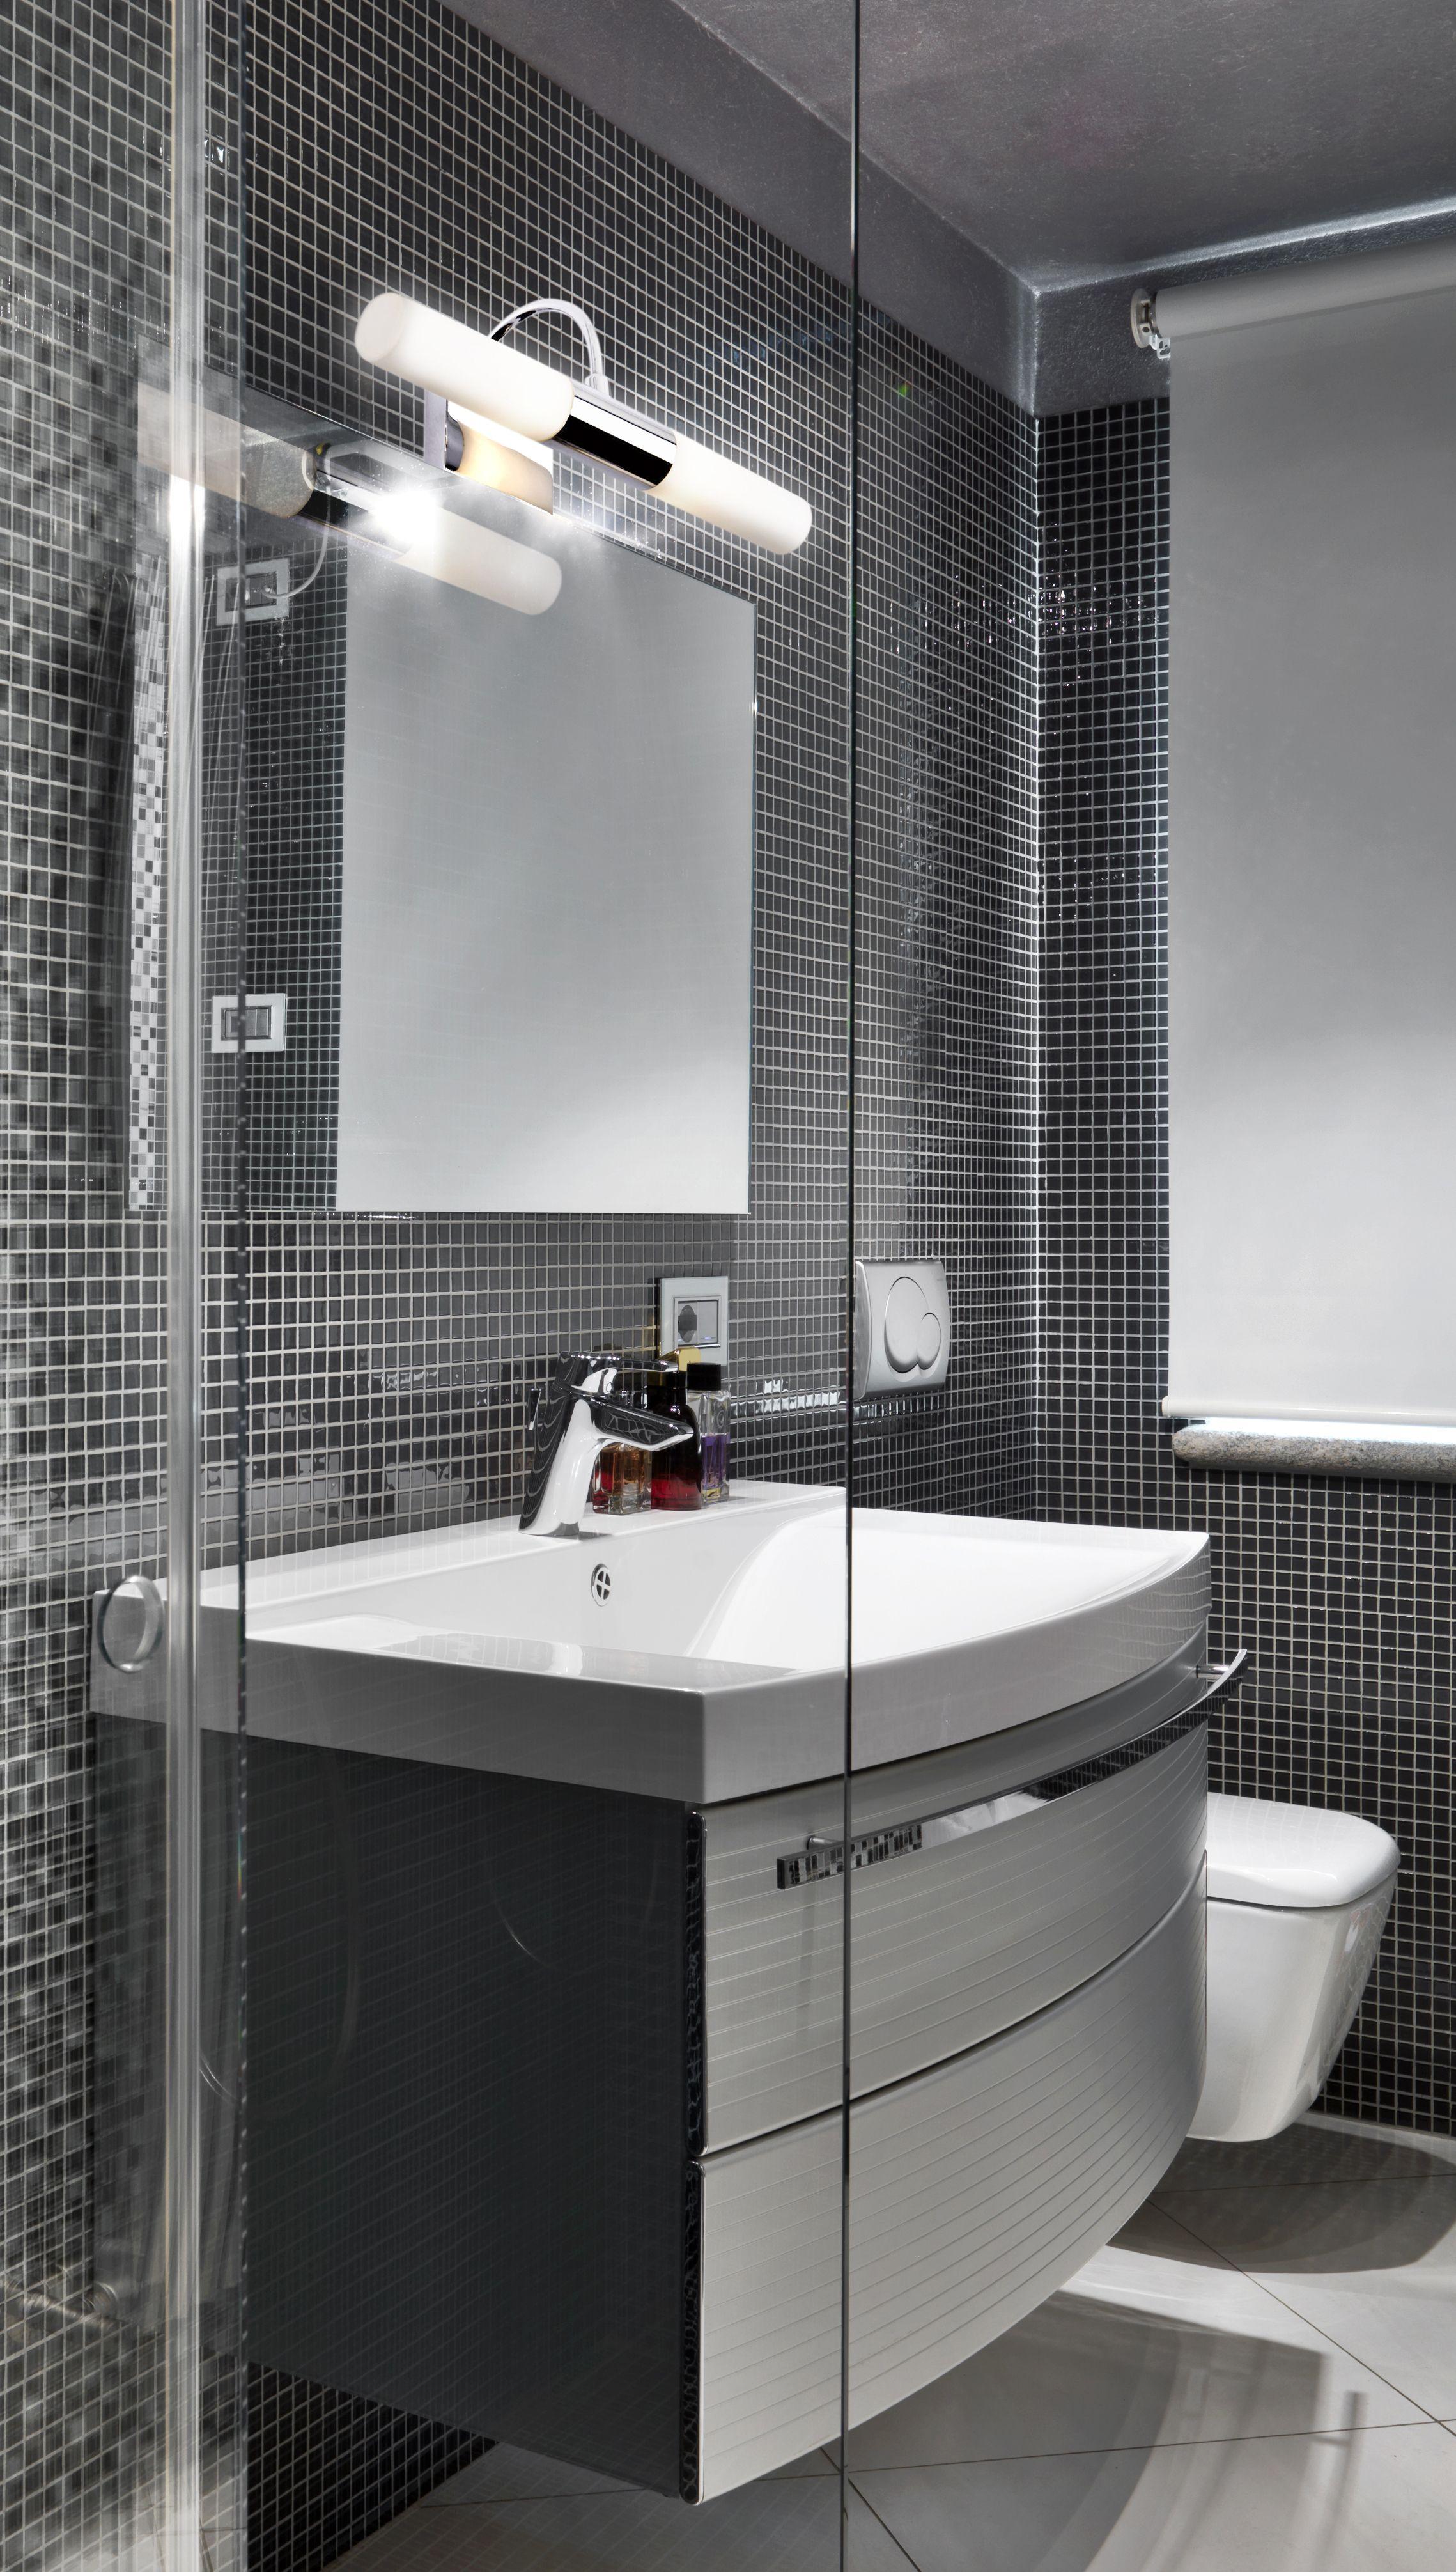 Kinkiet Liliane Lw1502 Ip44 łazienka W 2019 Oświetlenie